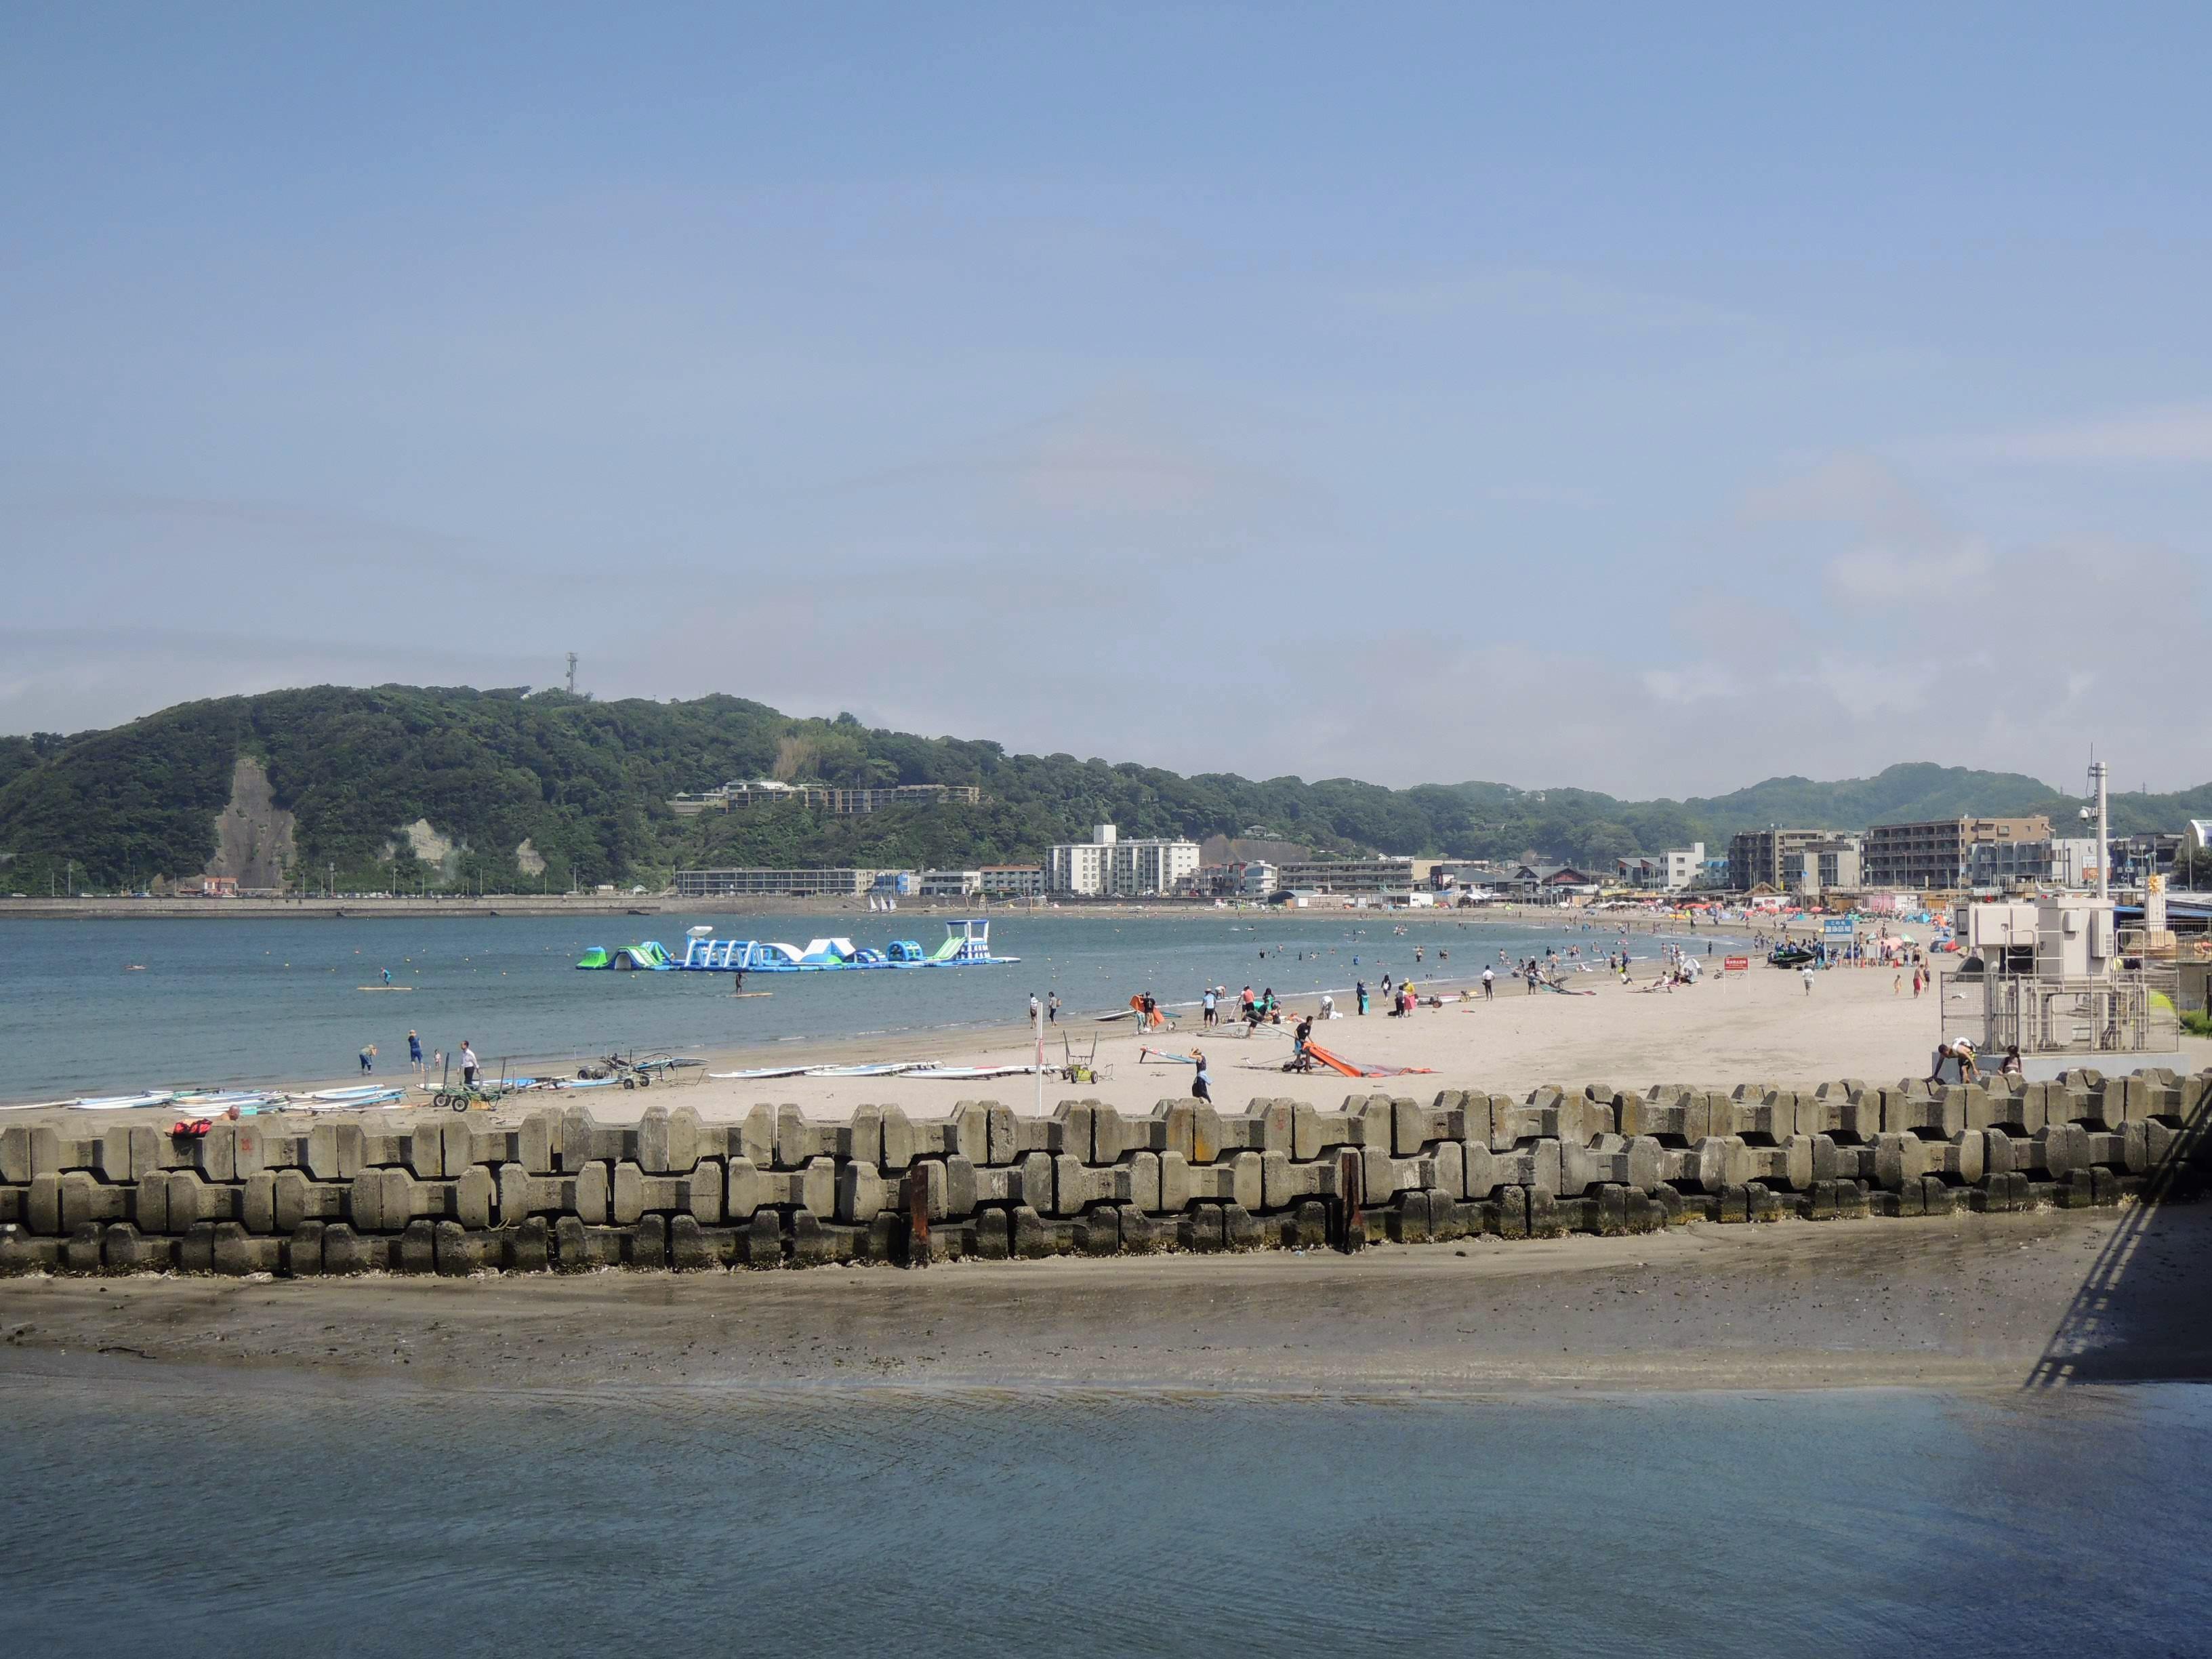 晴れ渡る逗子海岸と海水浴客